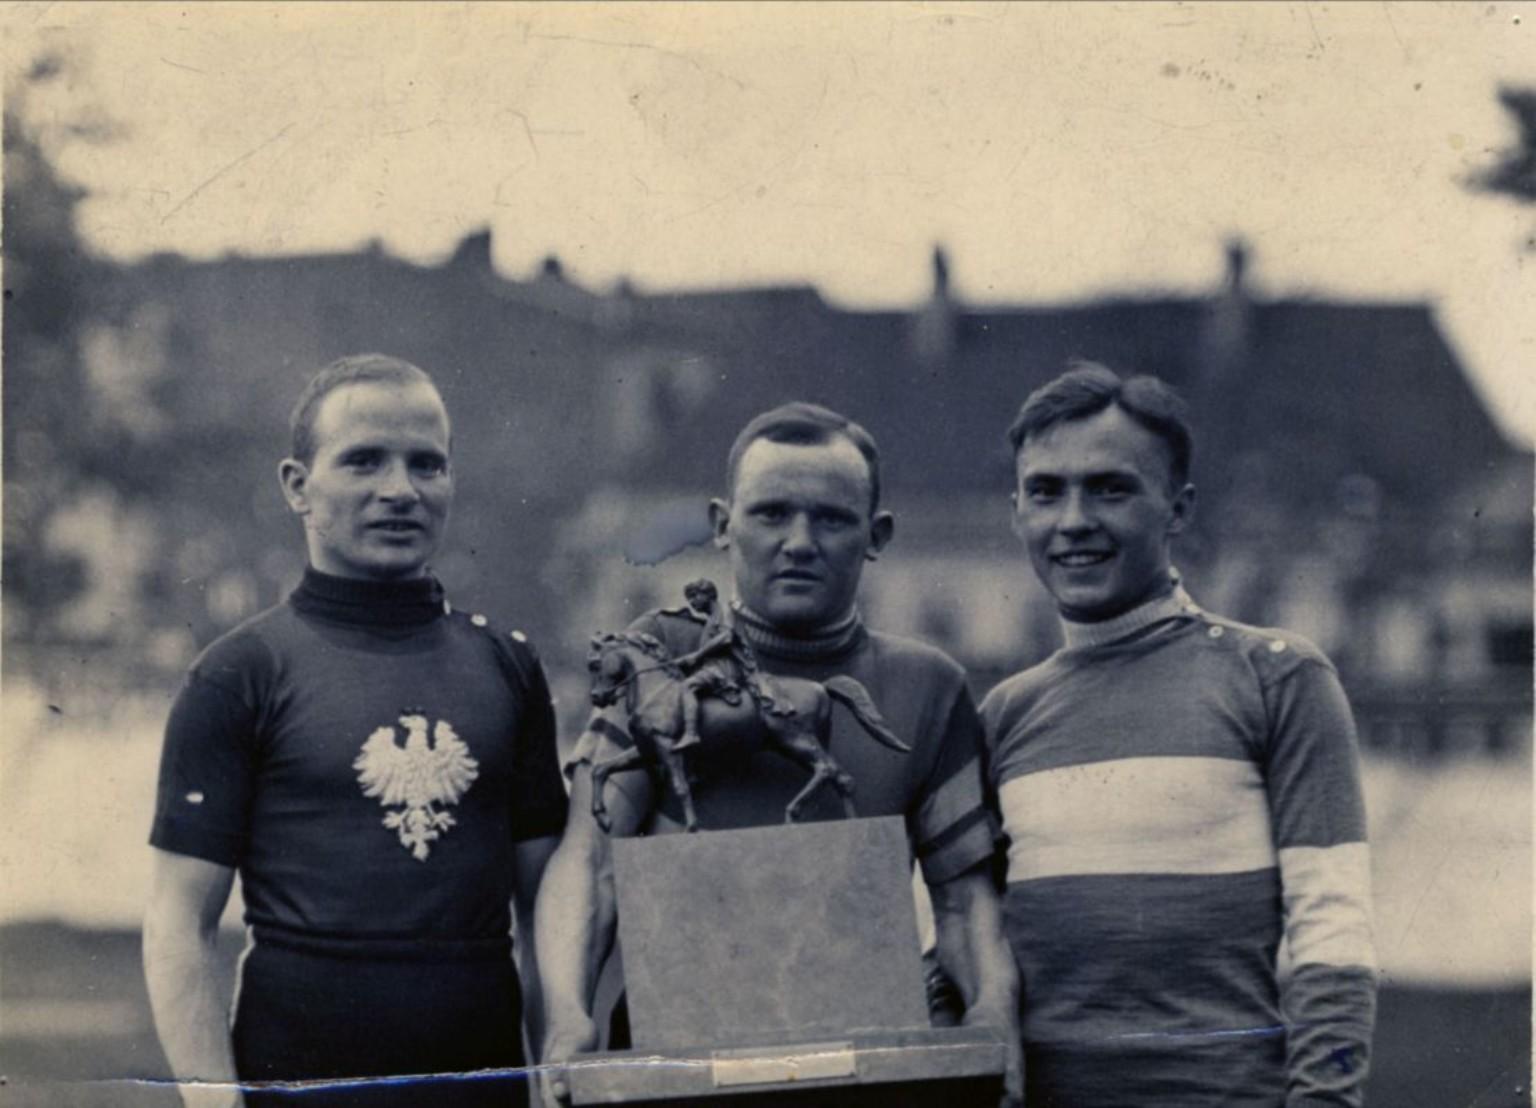 Feliks Więcek wygrywa Pierwszy Bieg Kolarski Dookoła Polski, nazwany później Tour de Pologne